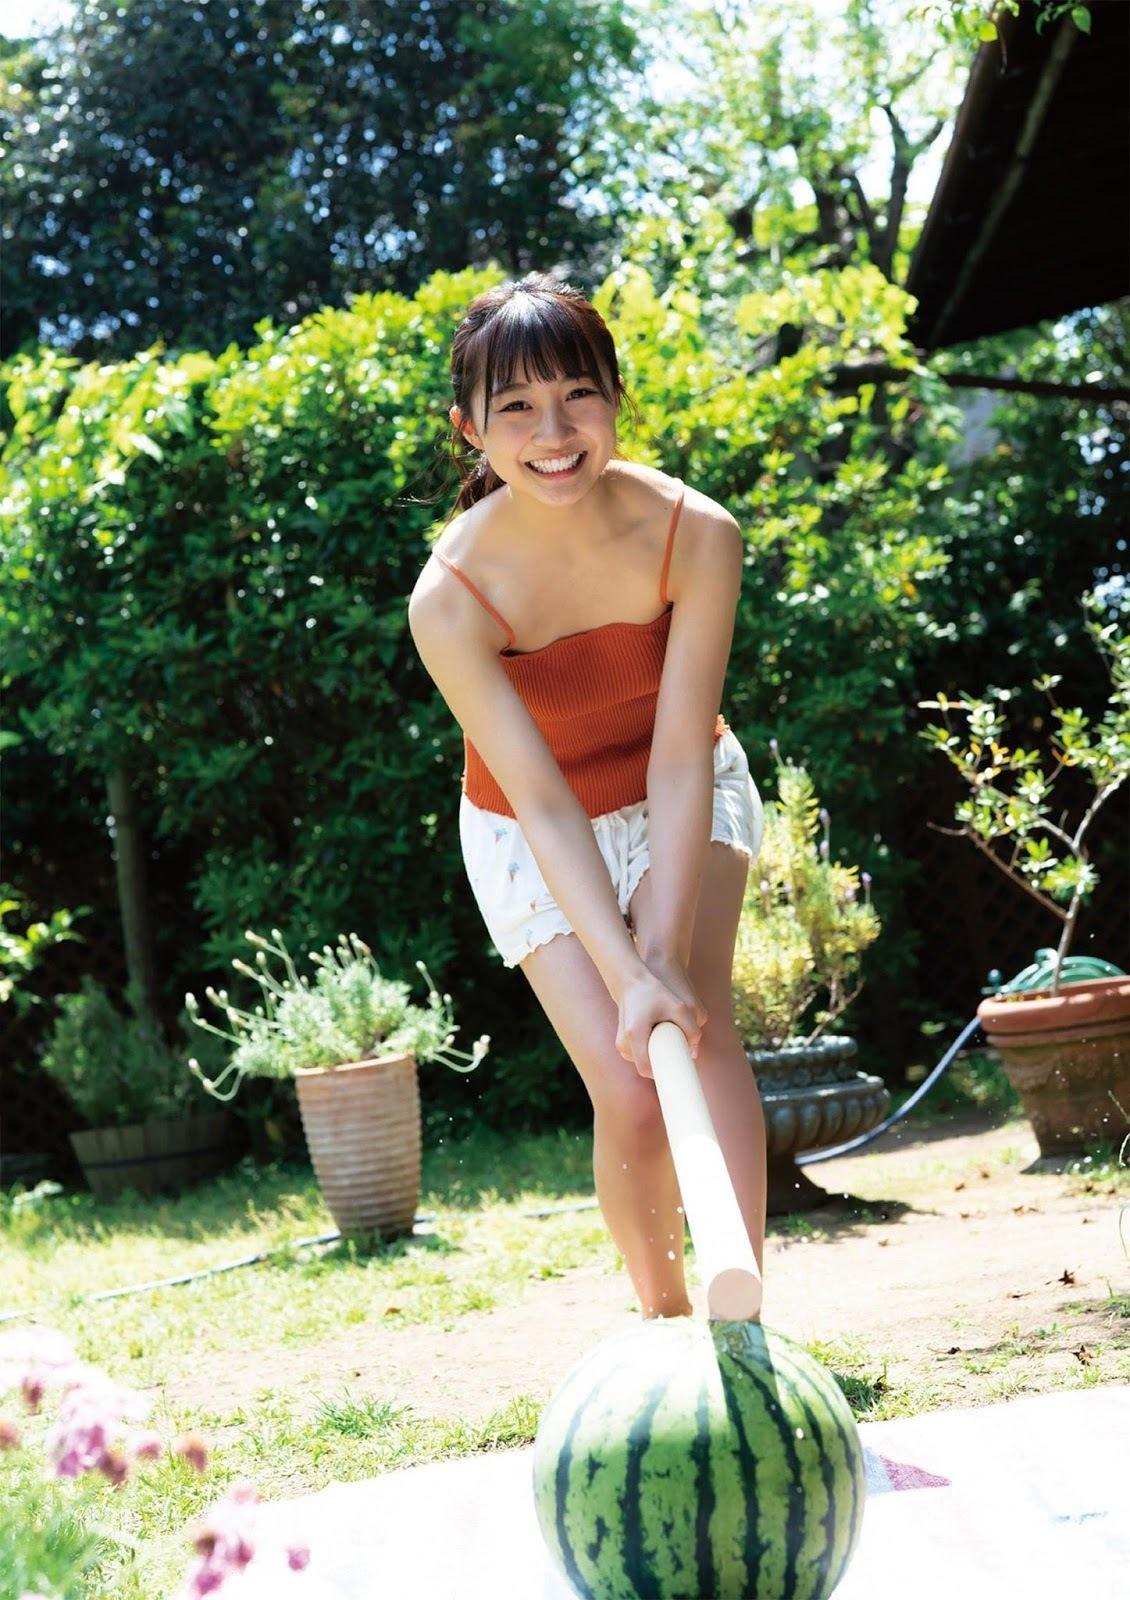 NMB48次世代王牌山本彩加引退转当护理师超暖原因让人更爱她了 网络美女 第38张